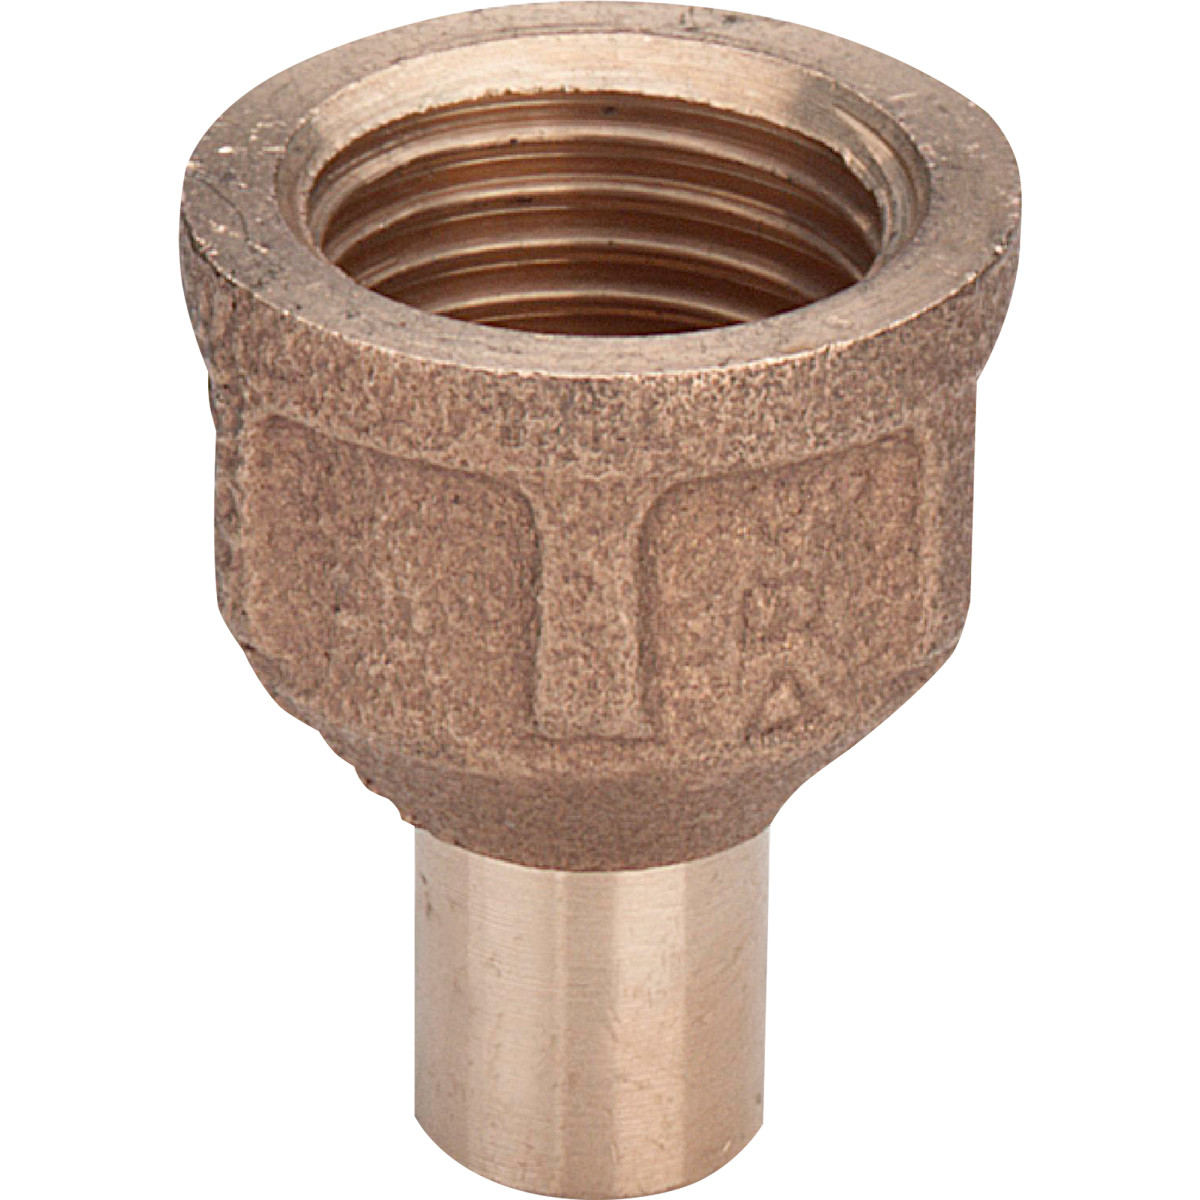 Муфта-вставка пайка Viega внутренняя резьба 28 ммx3/4 медь